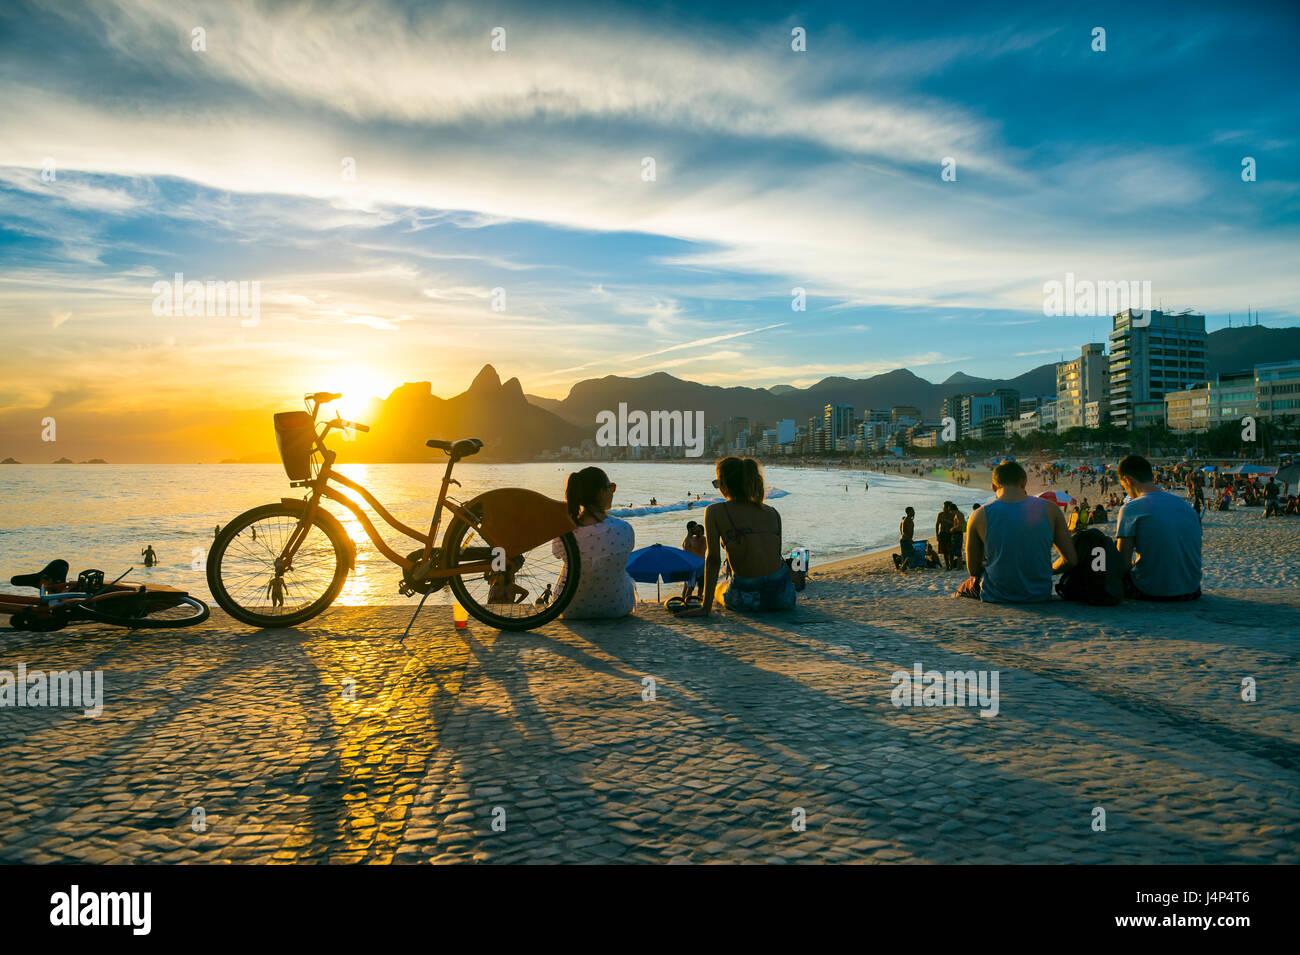 Leute sitzen, den Sonnenuntergang am Arpoador, eine beliebte Sommer-Aktivitäten für Einheimische und Touristen, Stockbild